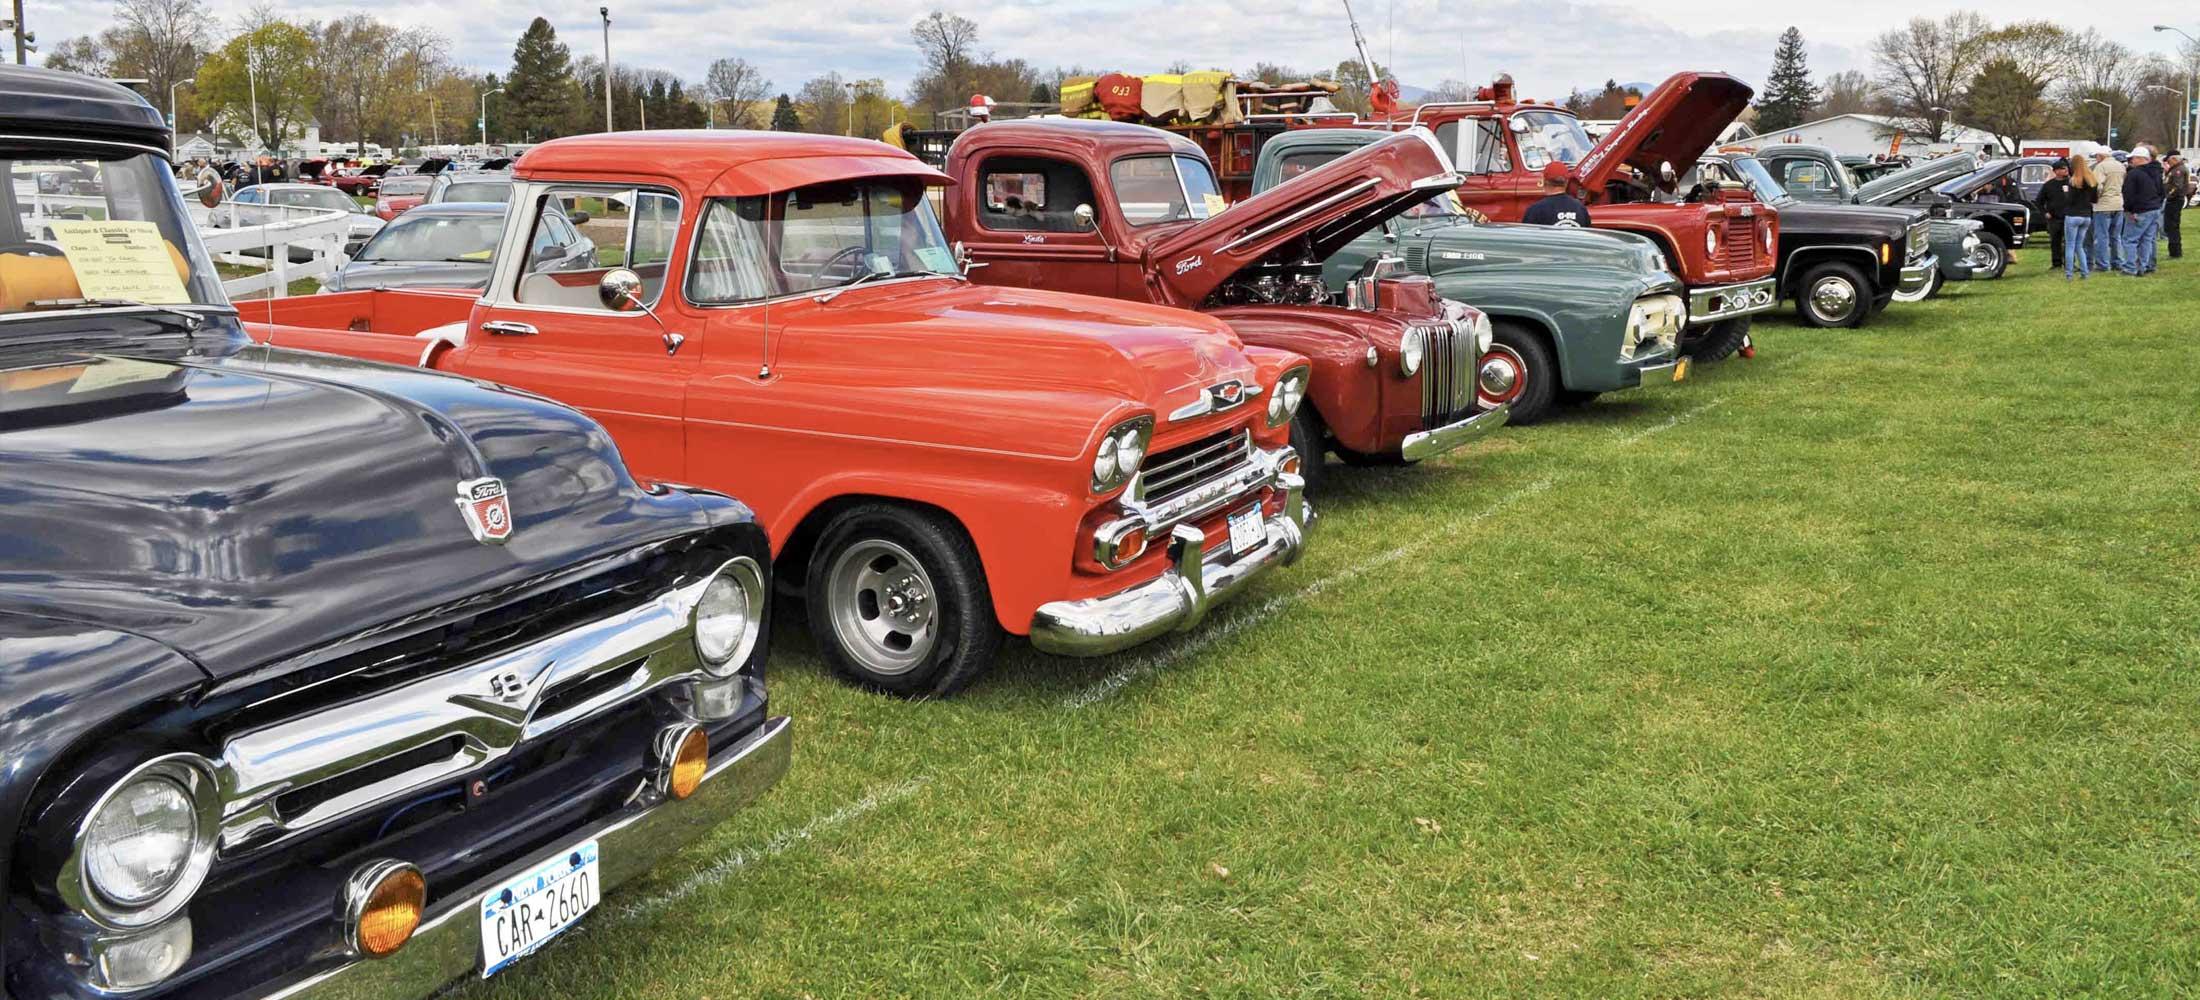 Rhinebeck Antique Car Show & Swap Meet